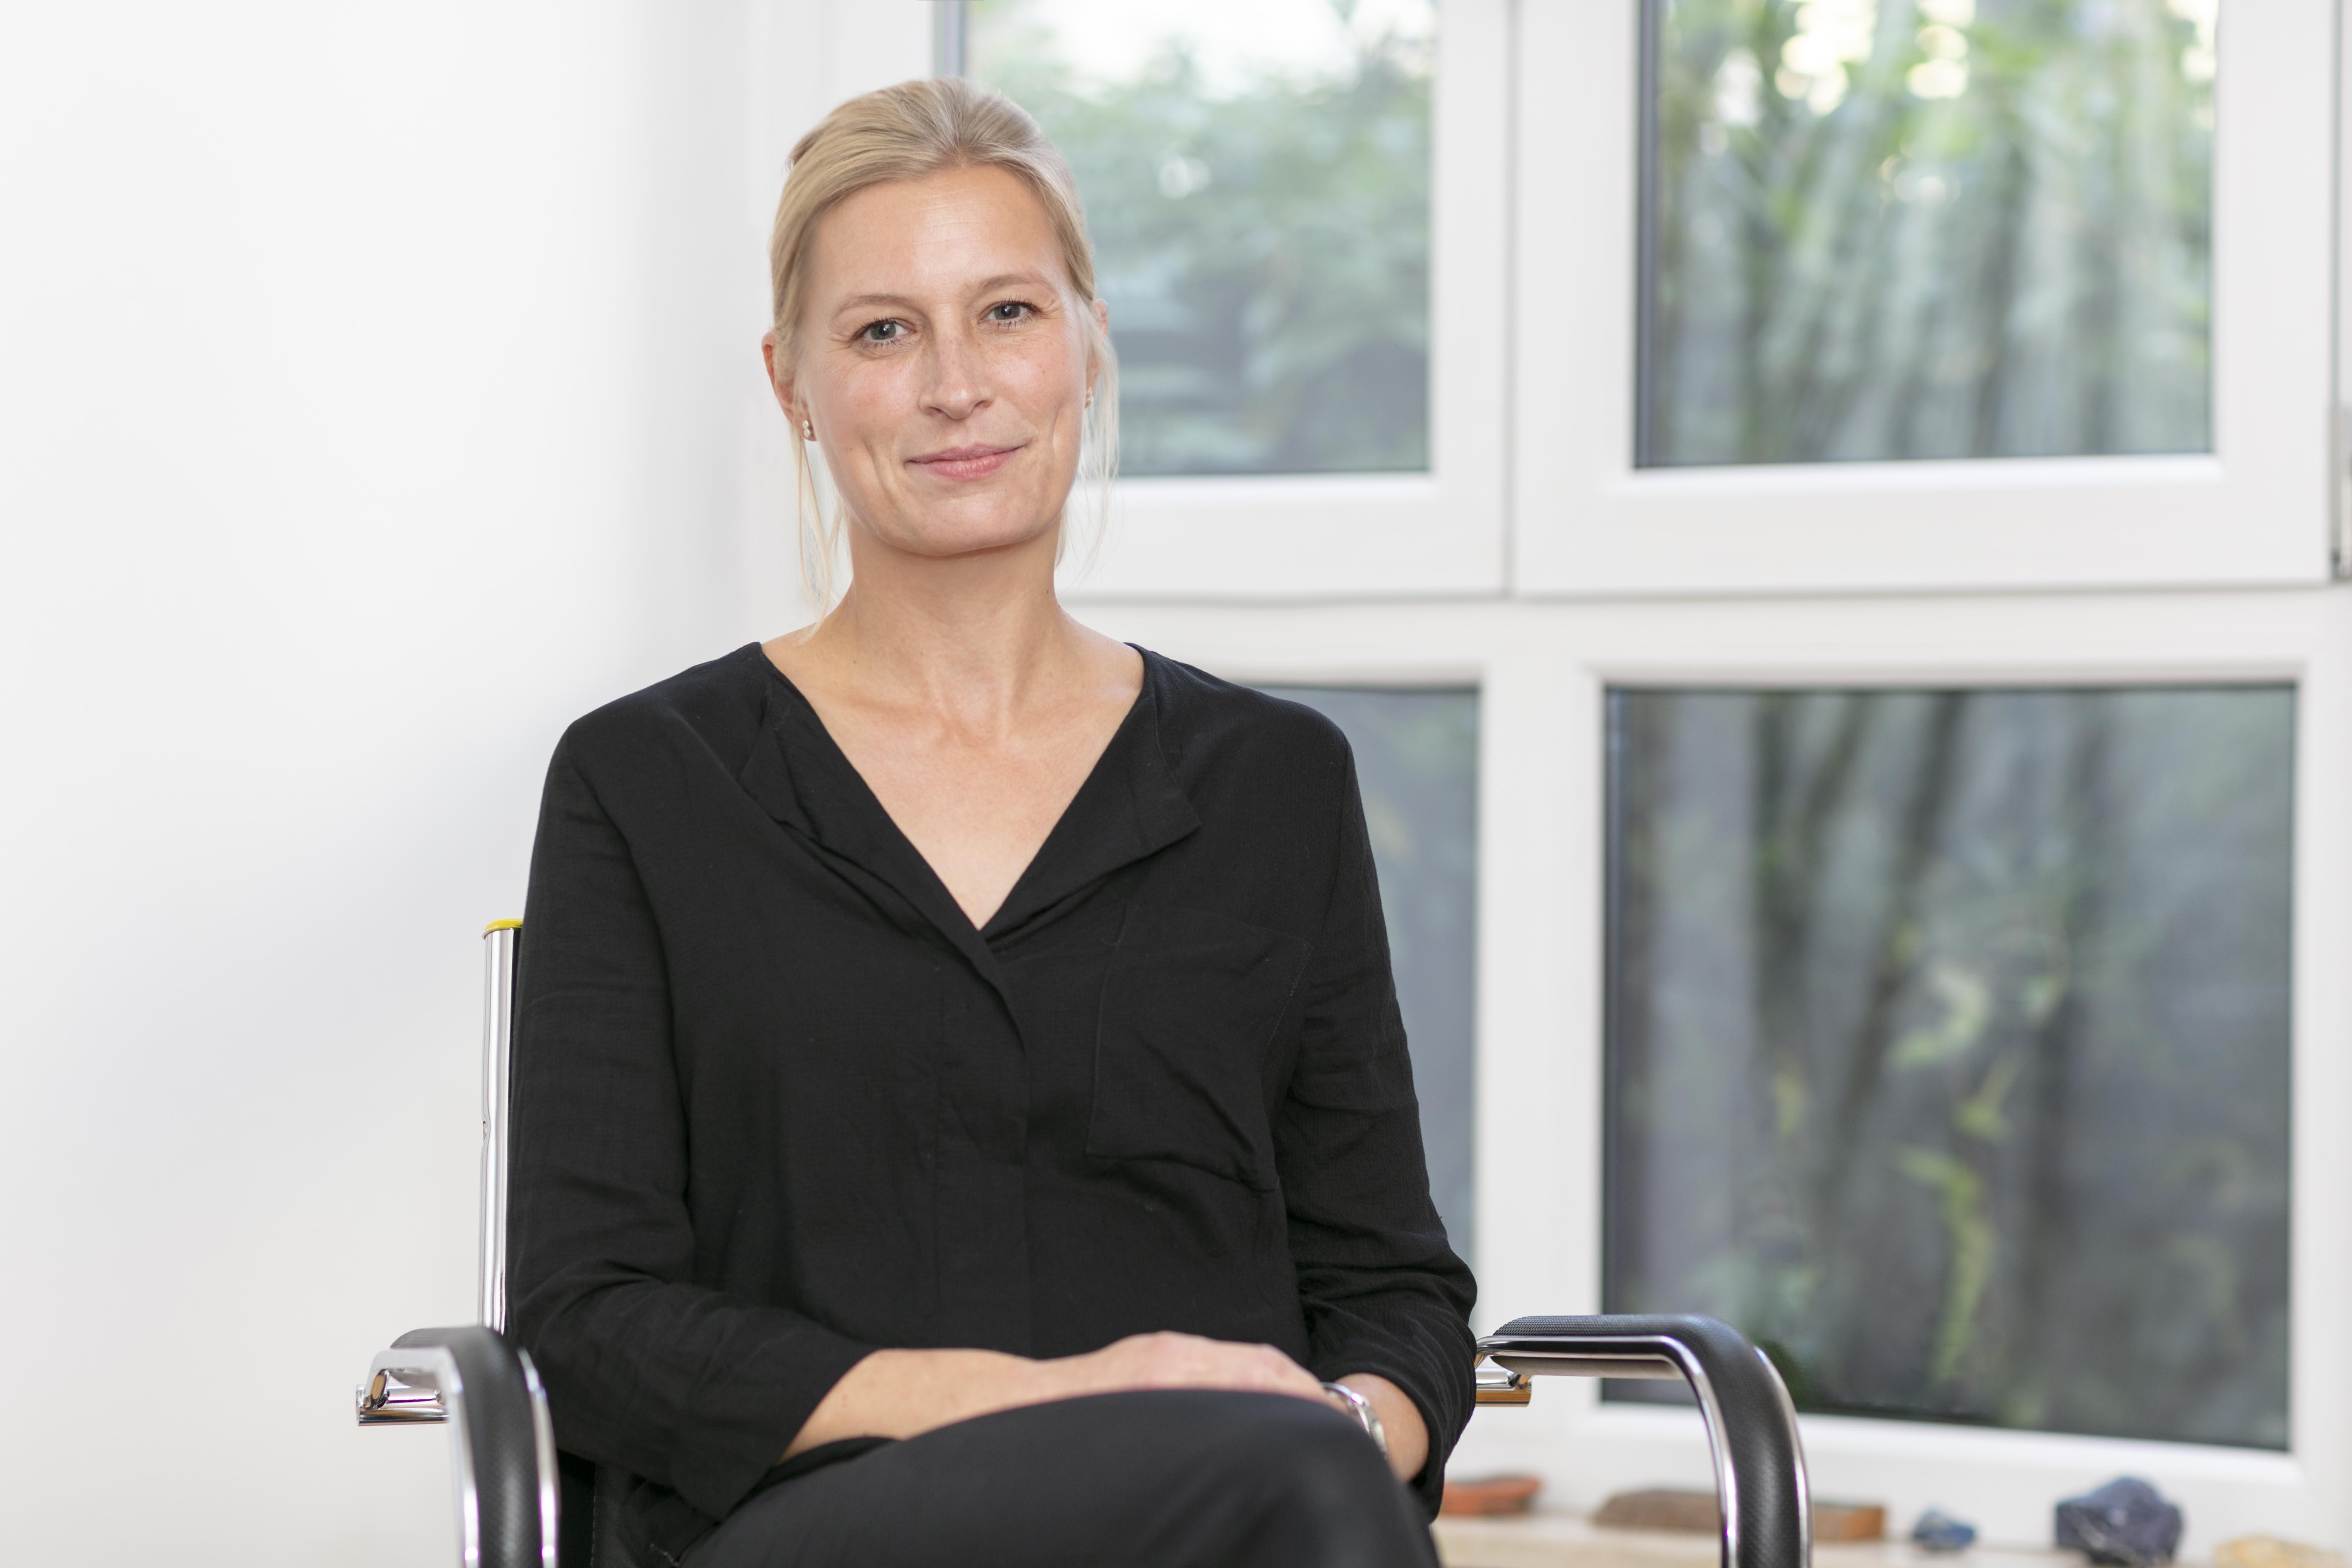 Dr. Anna Gsottschneider